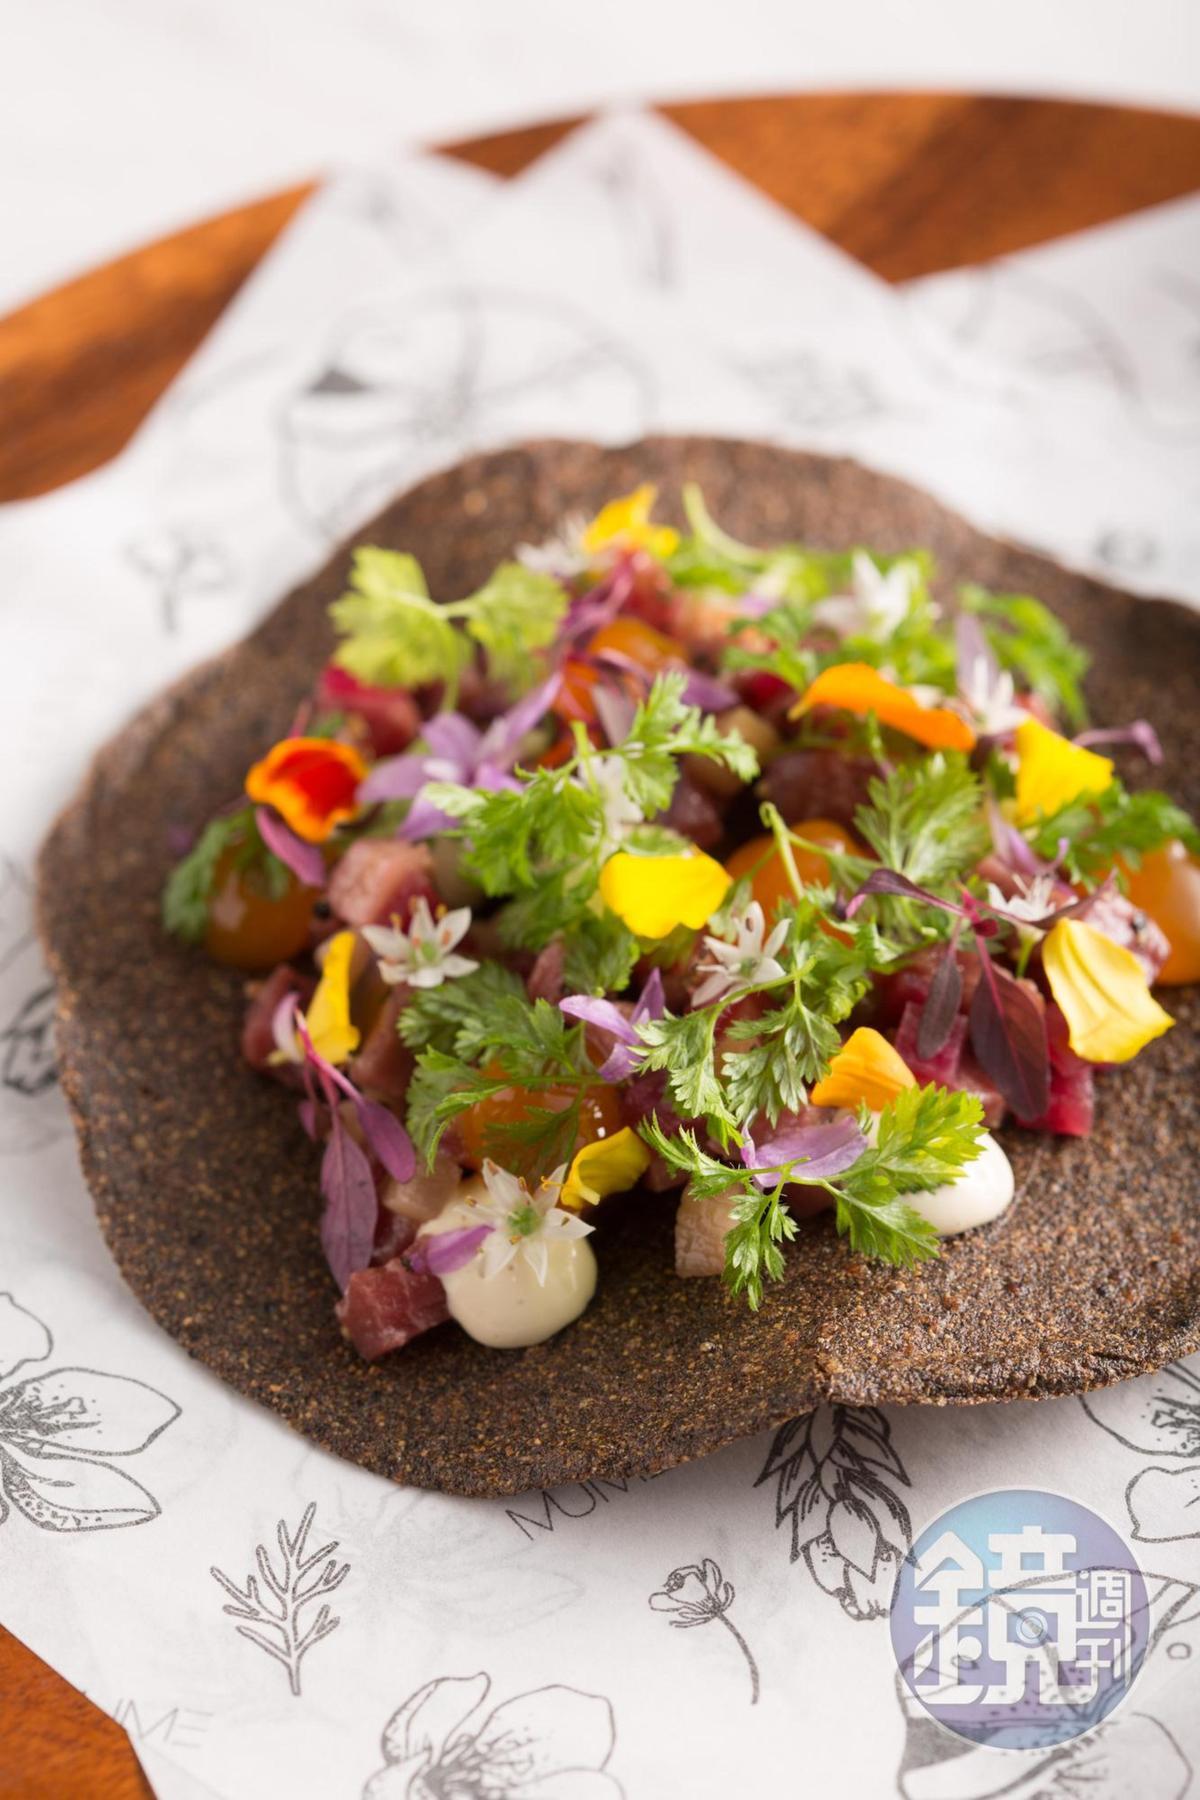 「紅藜花卉墨西哥餅」上的石蒜花帶嗆味,完美搭配生牛肉的鮮甜。(MUME,480元/份)